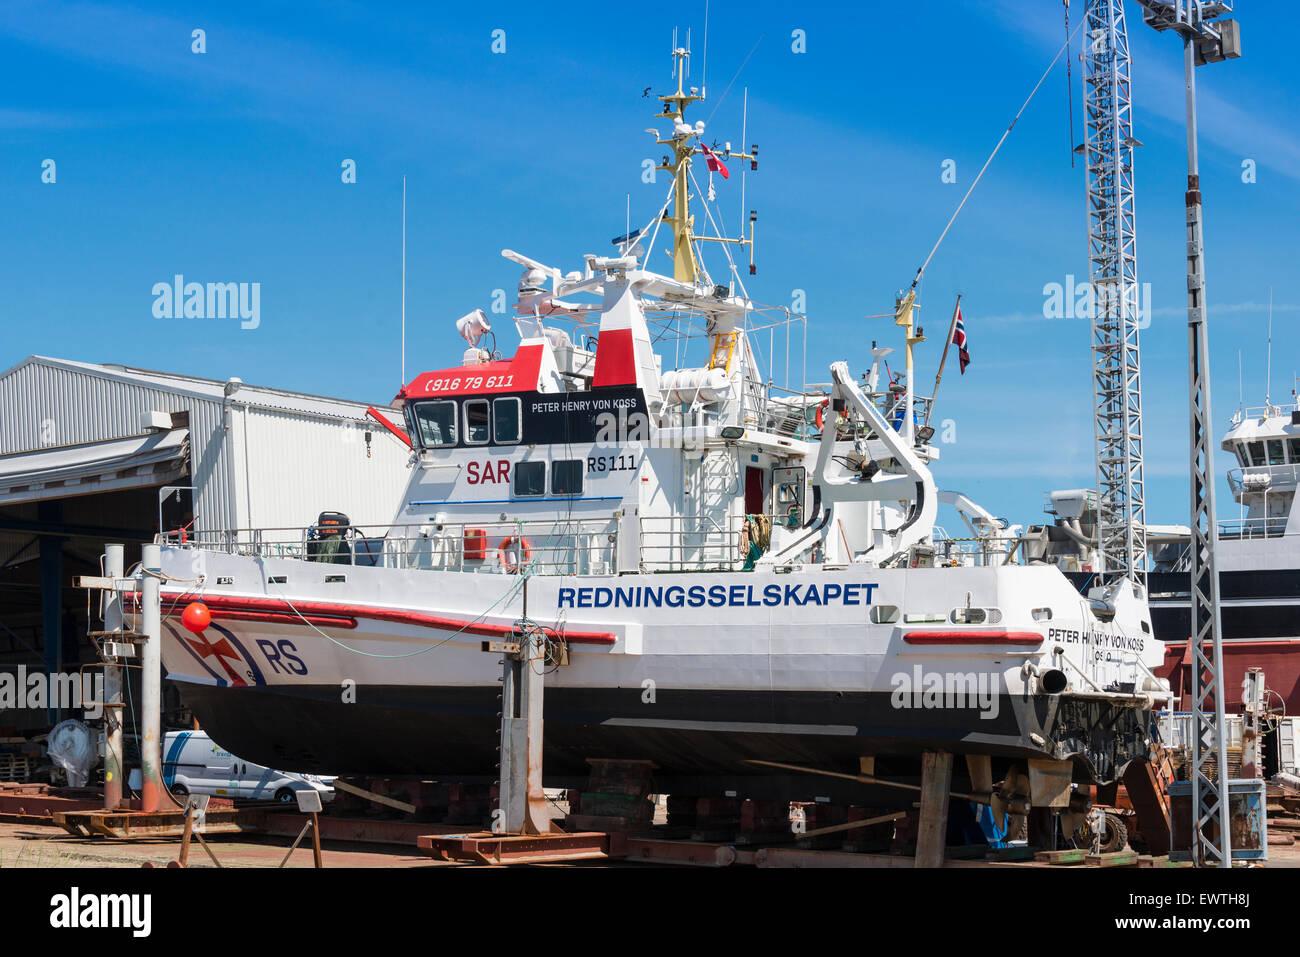 Severn-class Lifesaving boat in dry dock, Skagen, North Jutland Region, Denmark - Stock Image